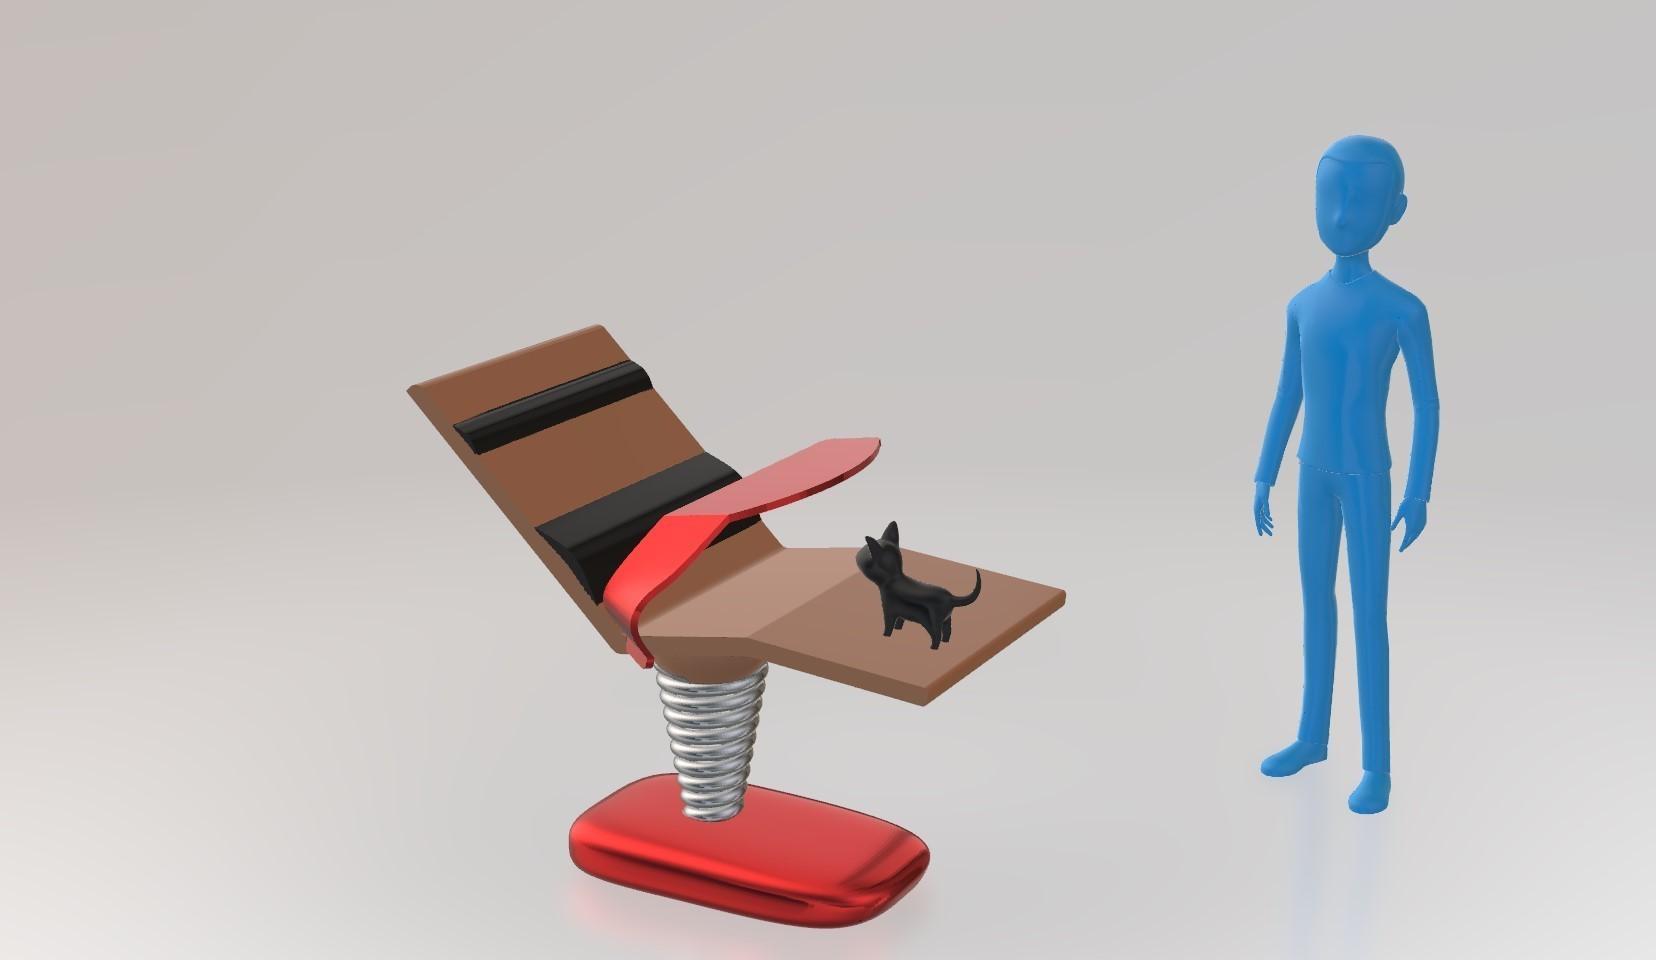 iso.jpg Télécharger fichier STL gratuit le lazydeskchair • Objet à imprimer en 3D, spiriteom